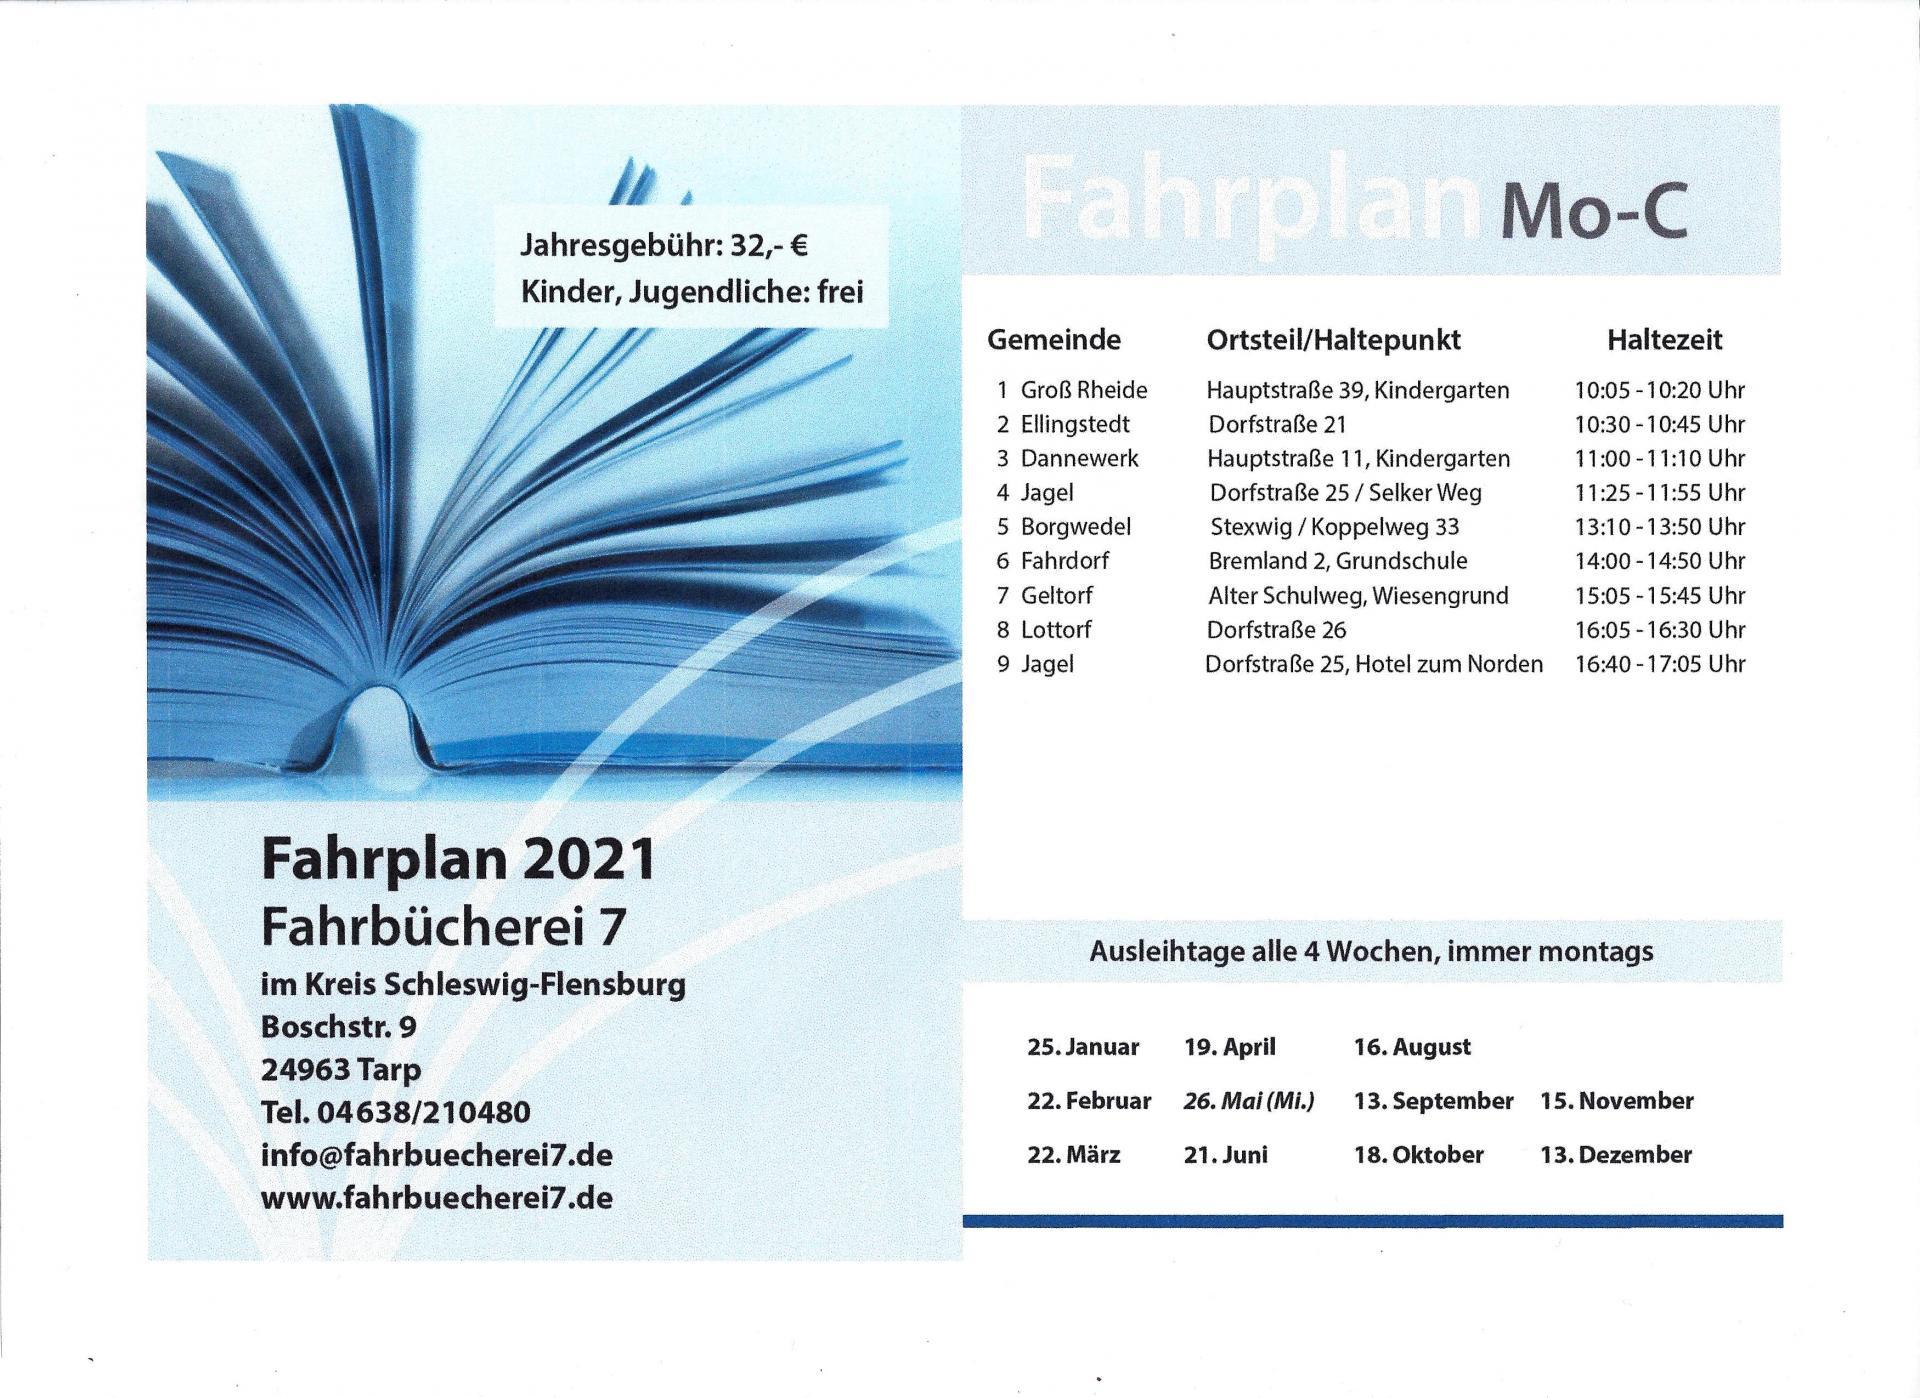 Fahrplan 2021